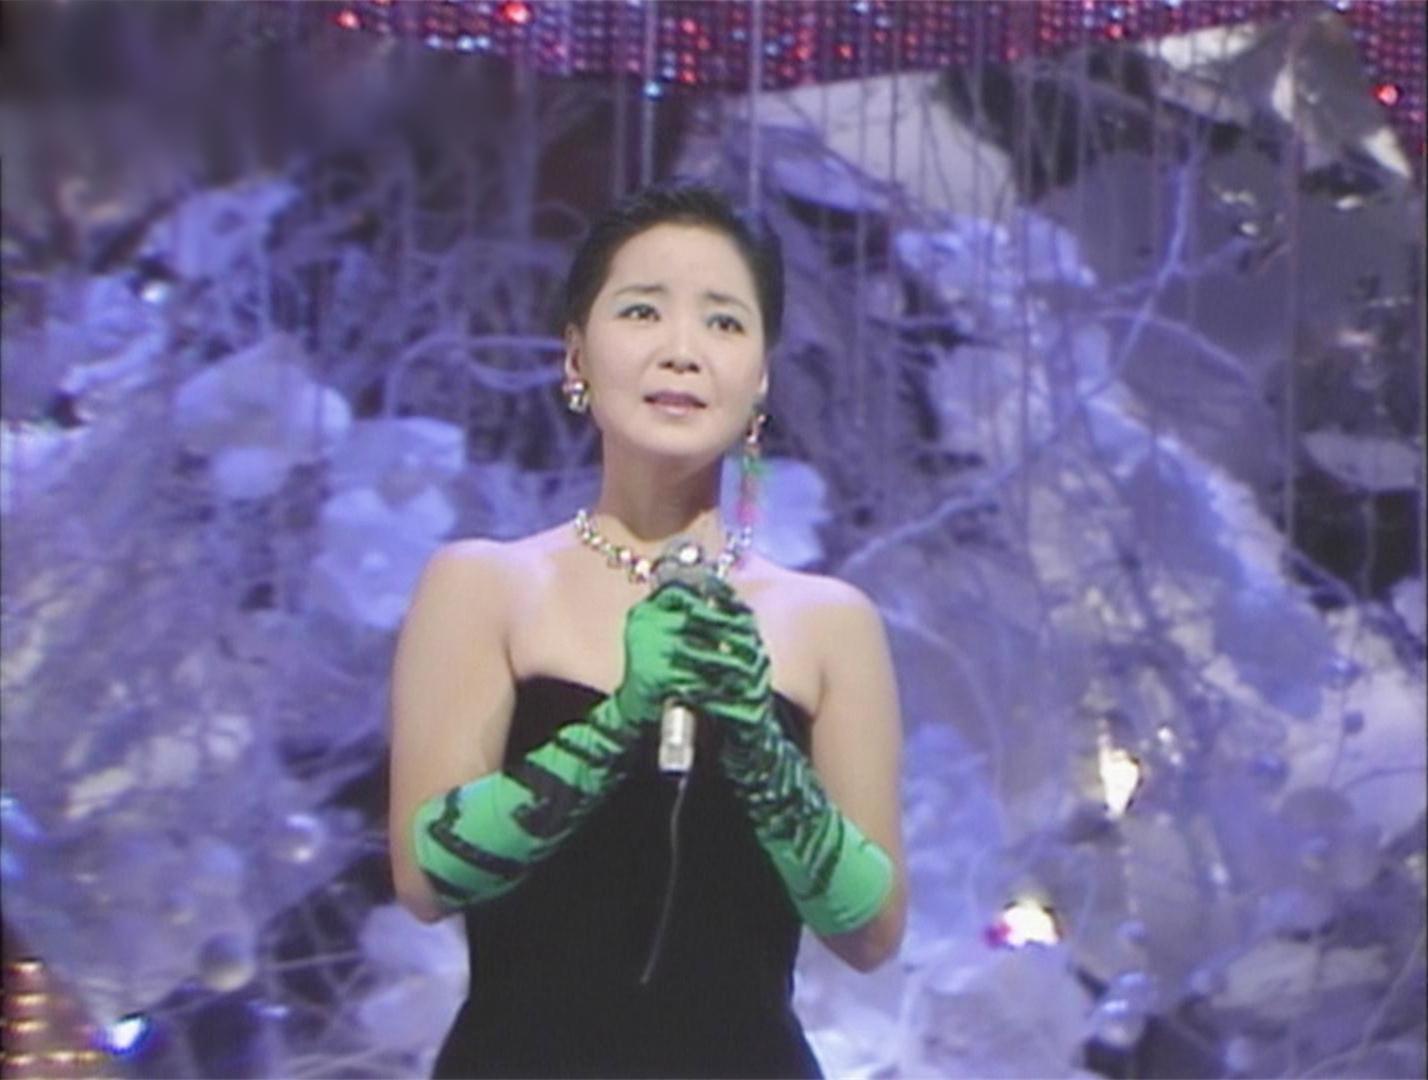 邓丽君在日本演唱会_同样是这件礼服,邓丽君还穿着上过日本作曲大赏,music fair等节目